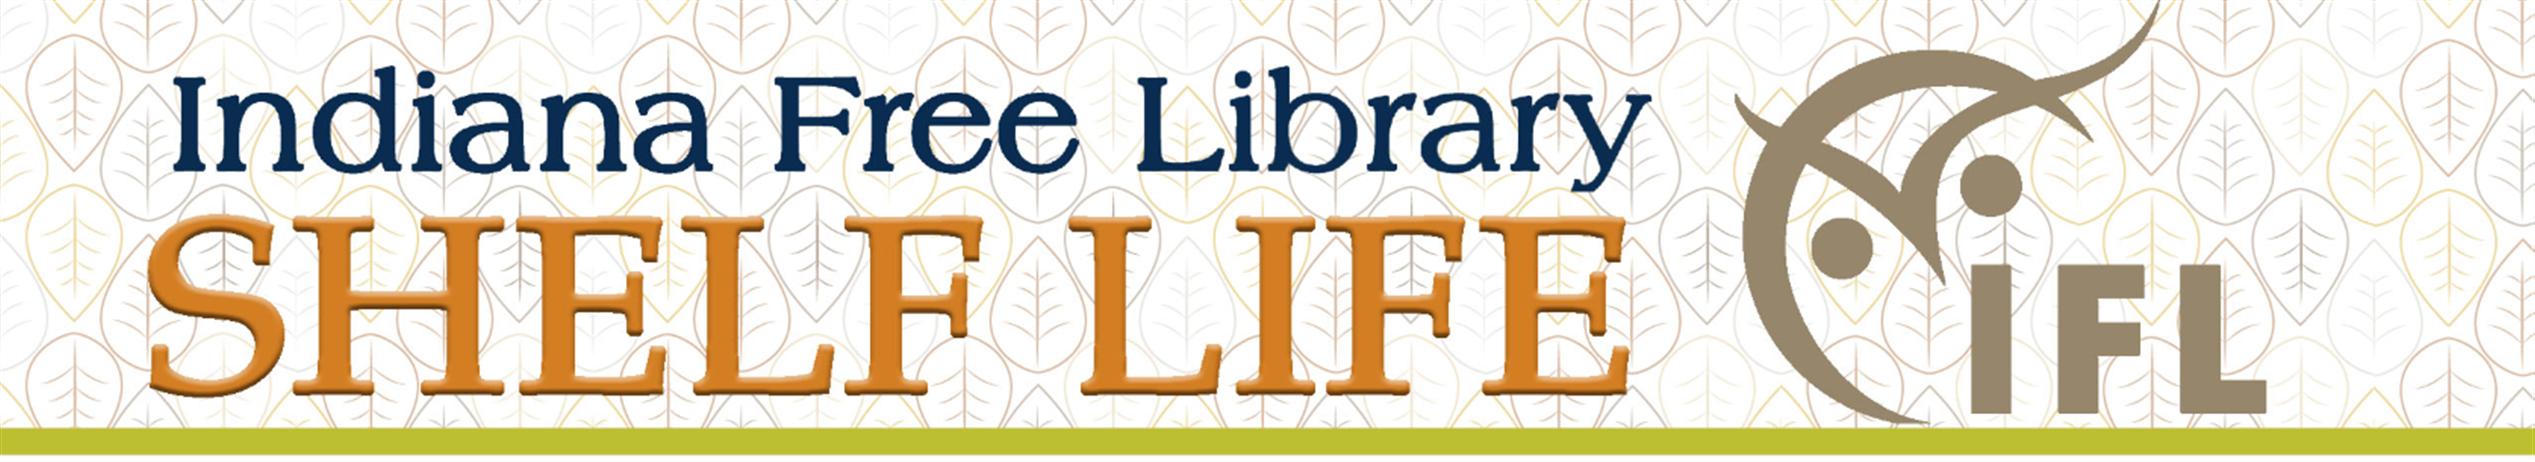 IFL Fall 2021 Newsletter